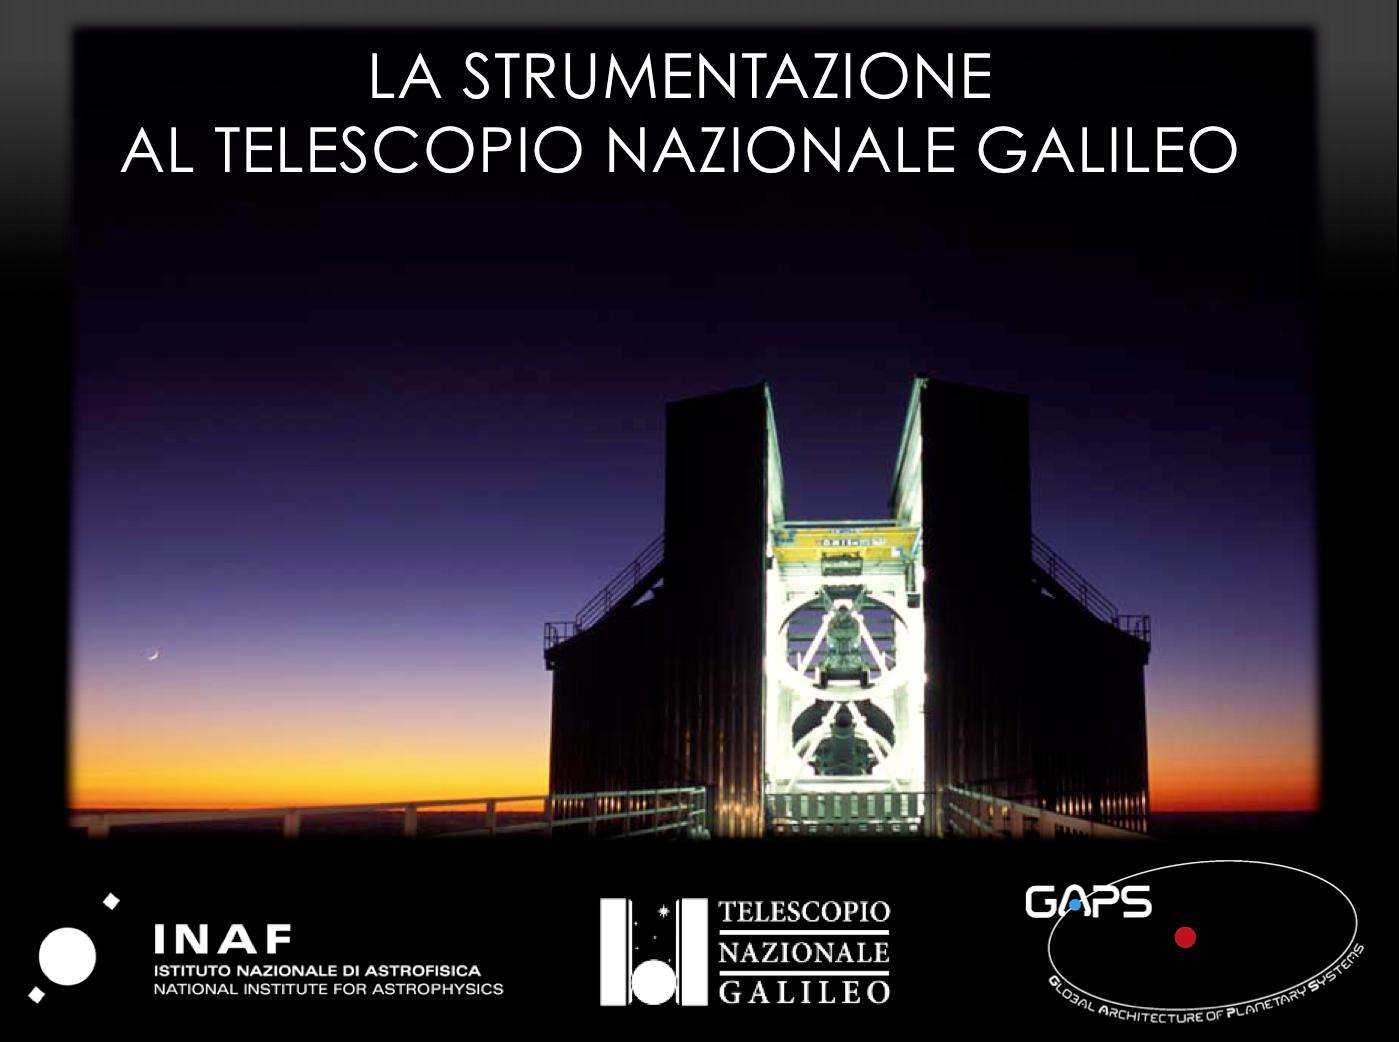 La strumentazione al Telescopio Nazionale Galileo